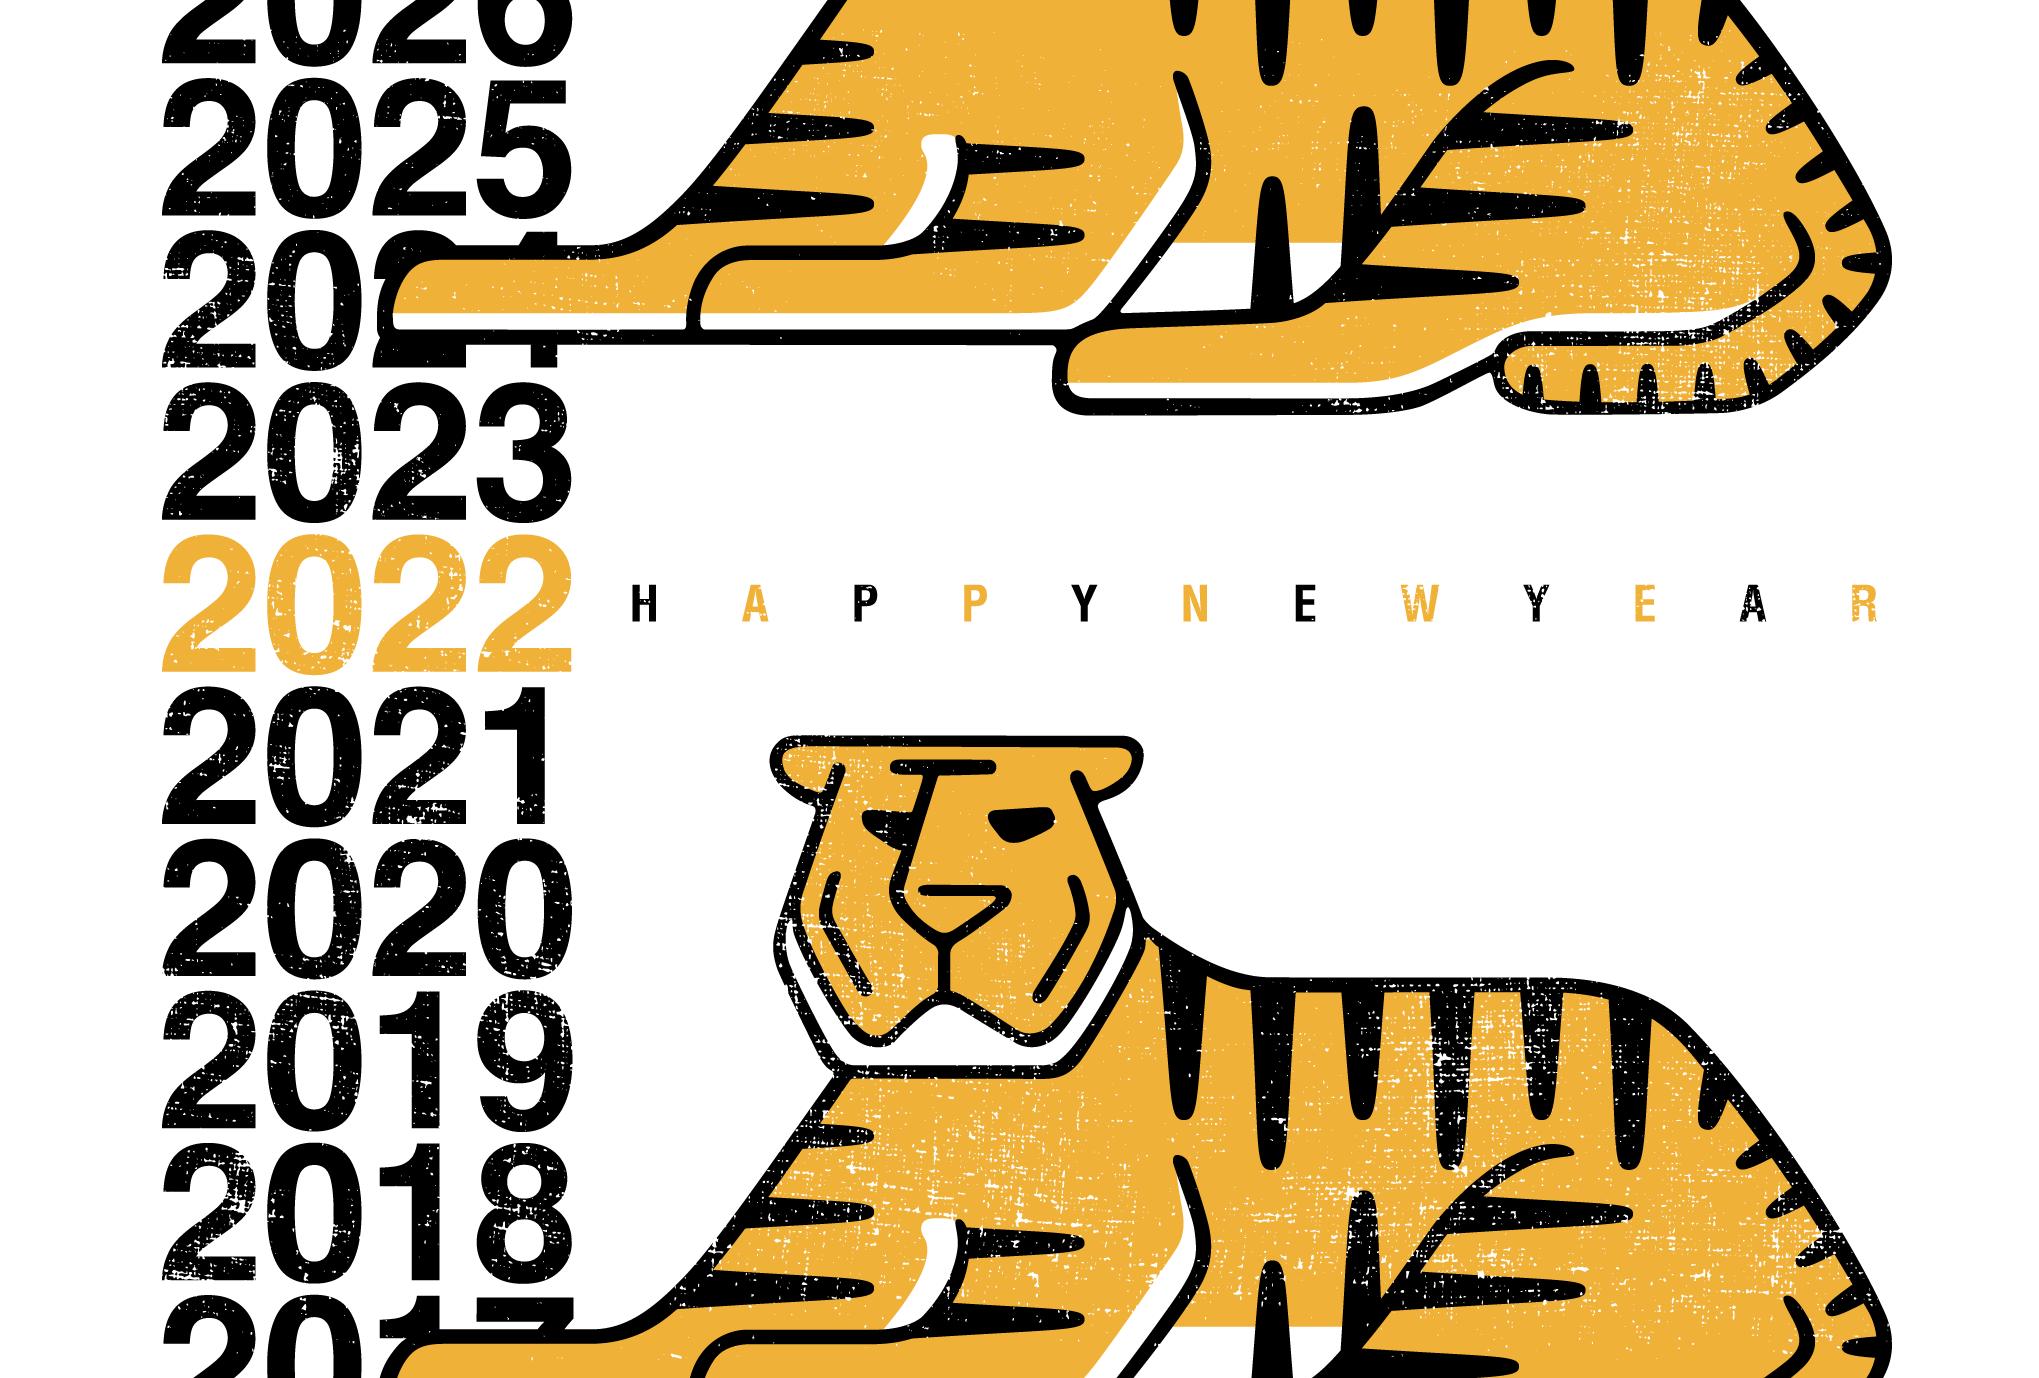 2022年賀状06-1:寅 Slide 2022 / 伏虎のダウンロード画像